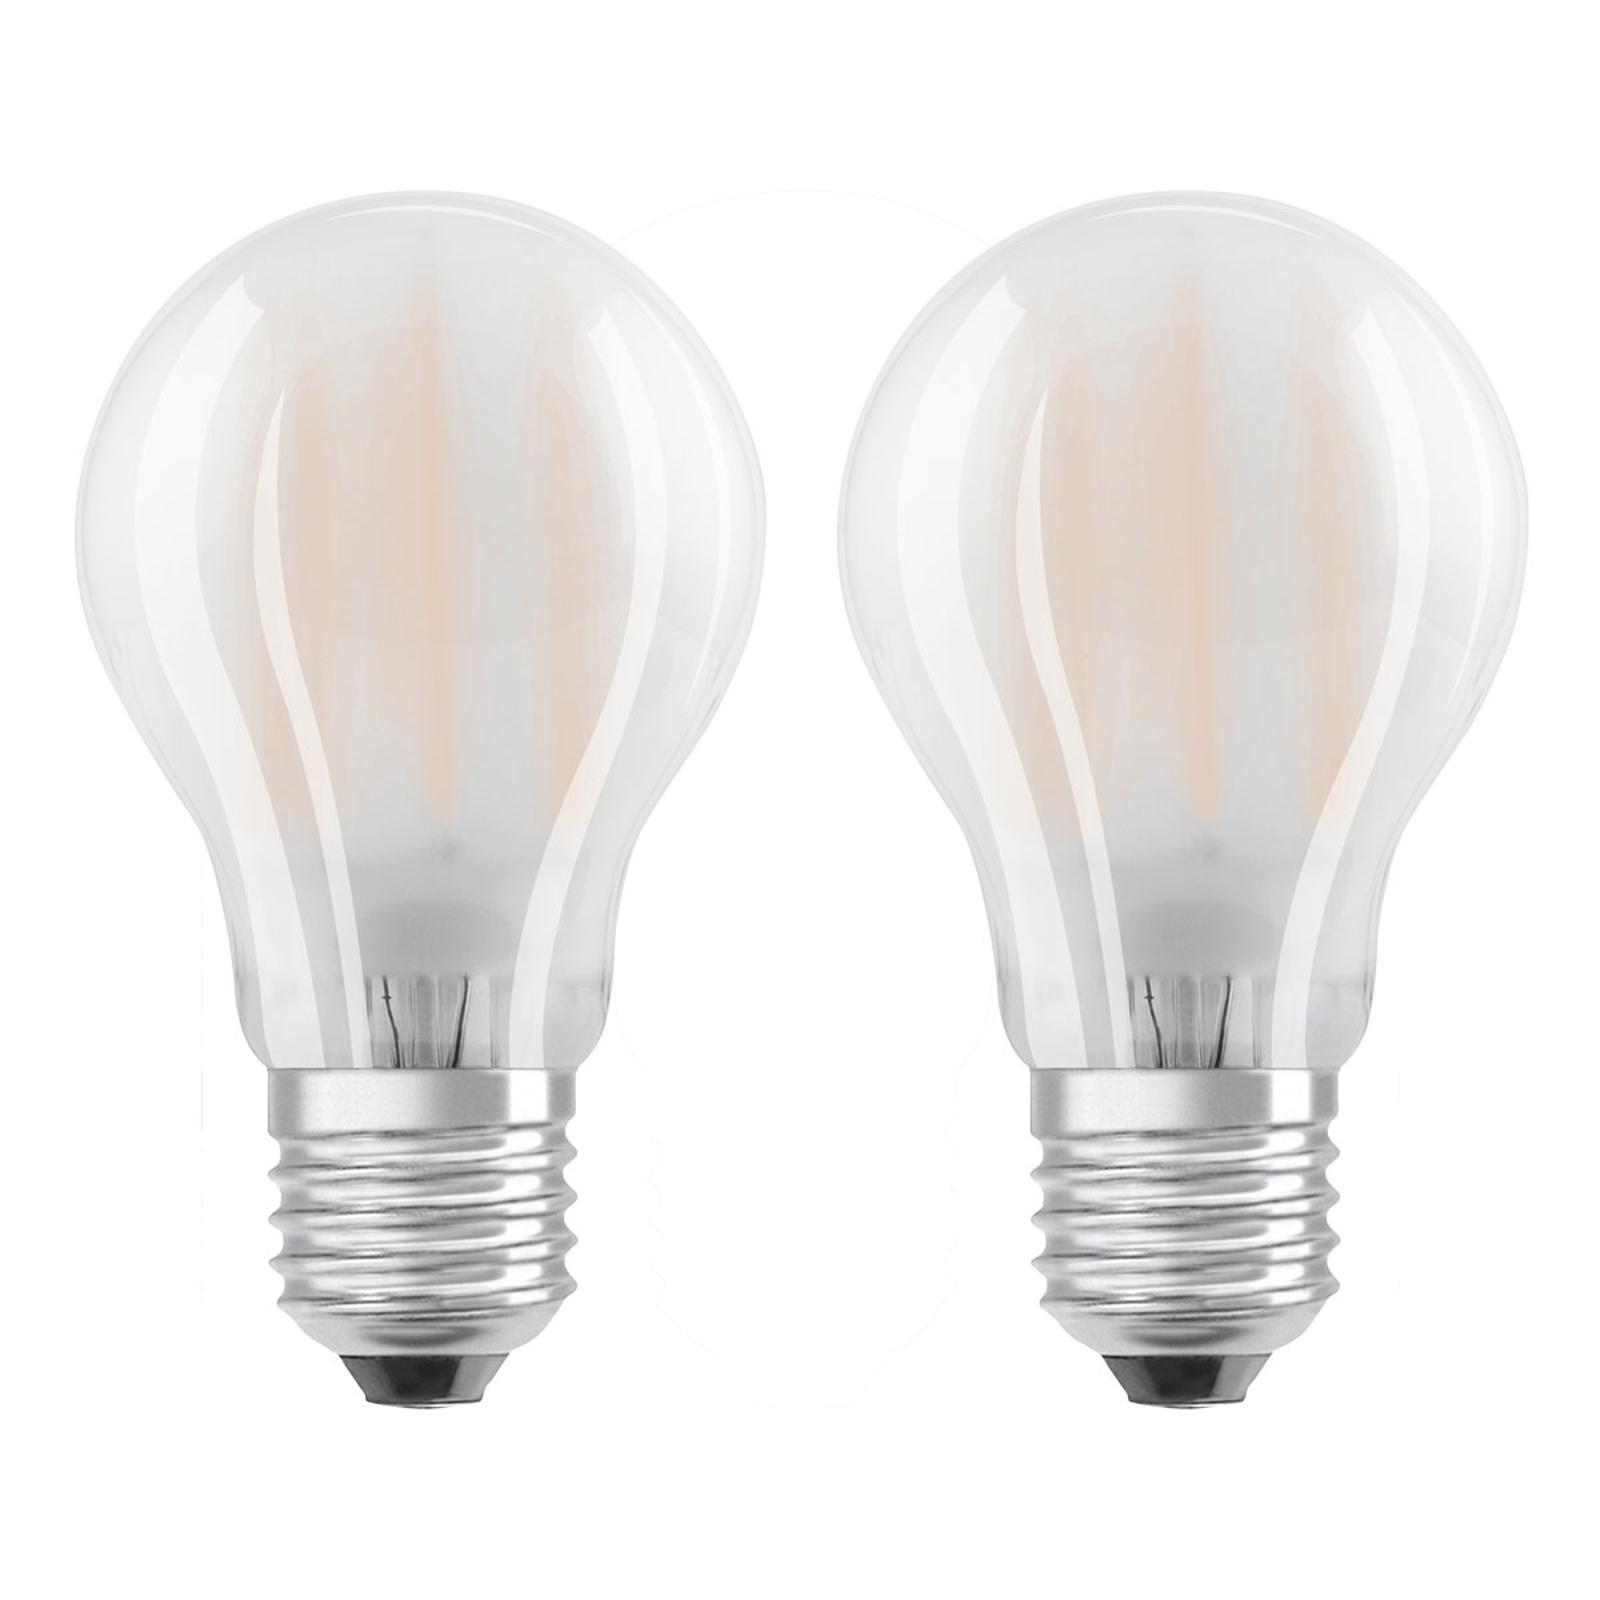 OSRAM-LED-lamppu E27 4W lämmin valkoinen 2 kpl